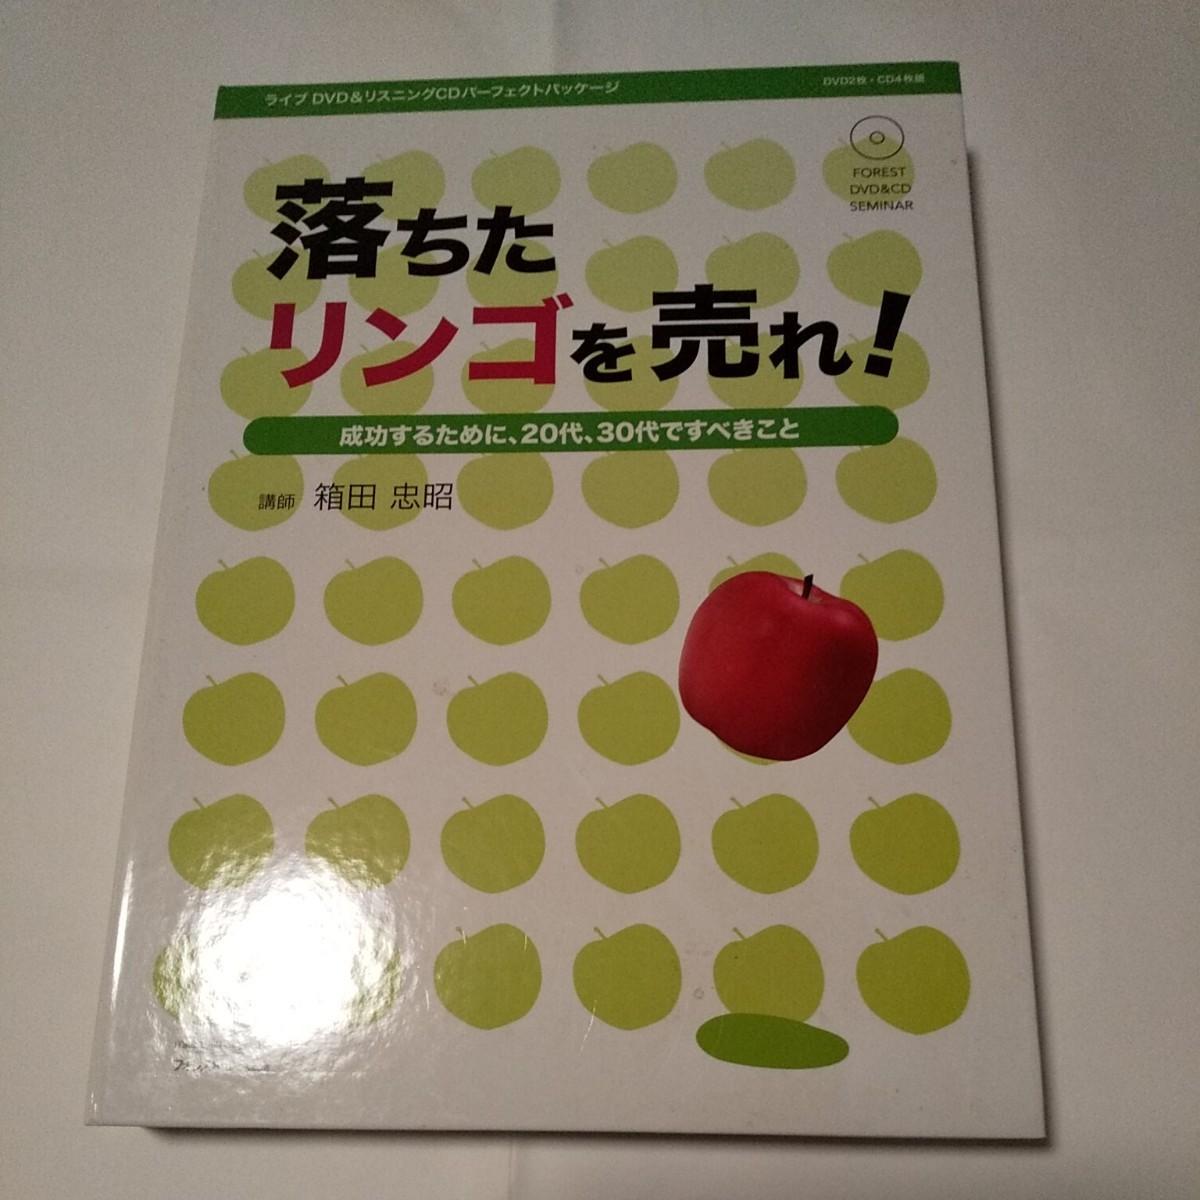 箱田忠昭さん 自己啓発CD・DVD教材  落ちたリンゴを売れ!